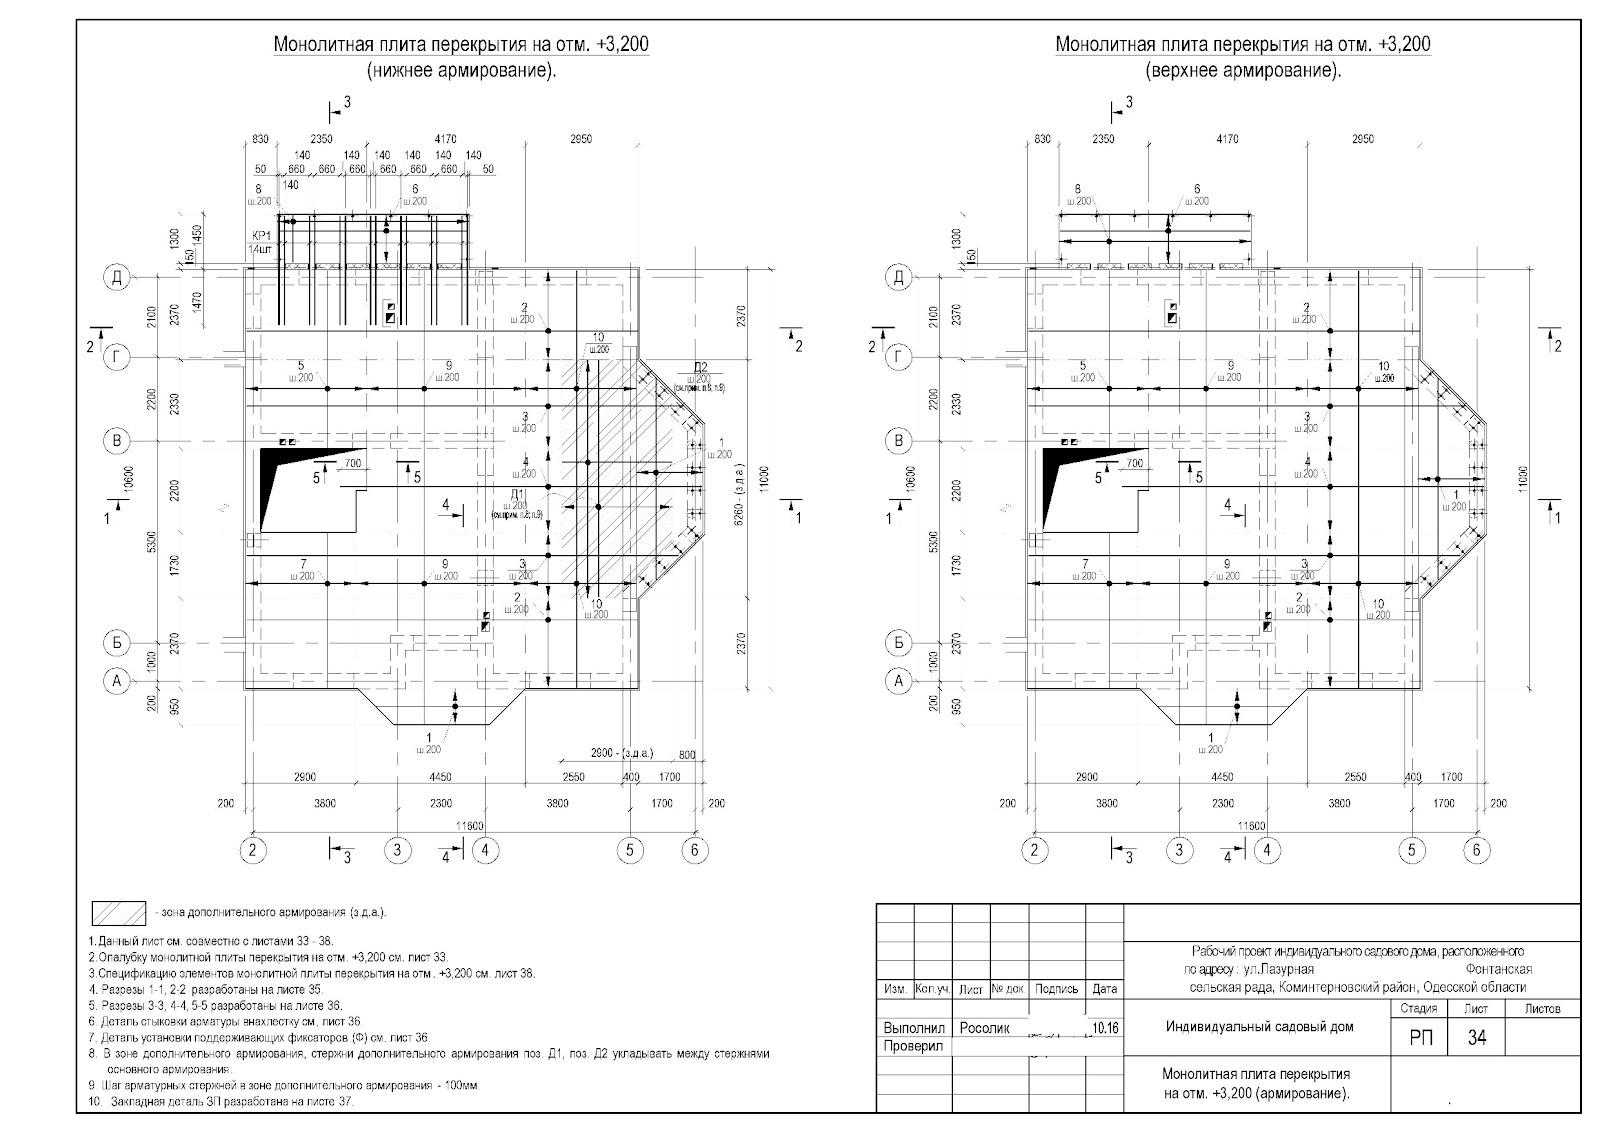 армировка плиты перекрытия схема